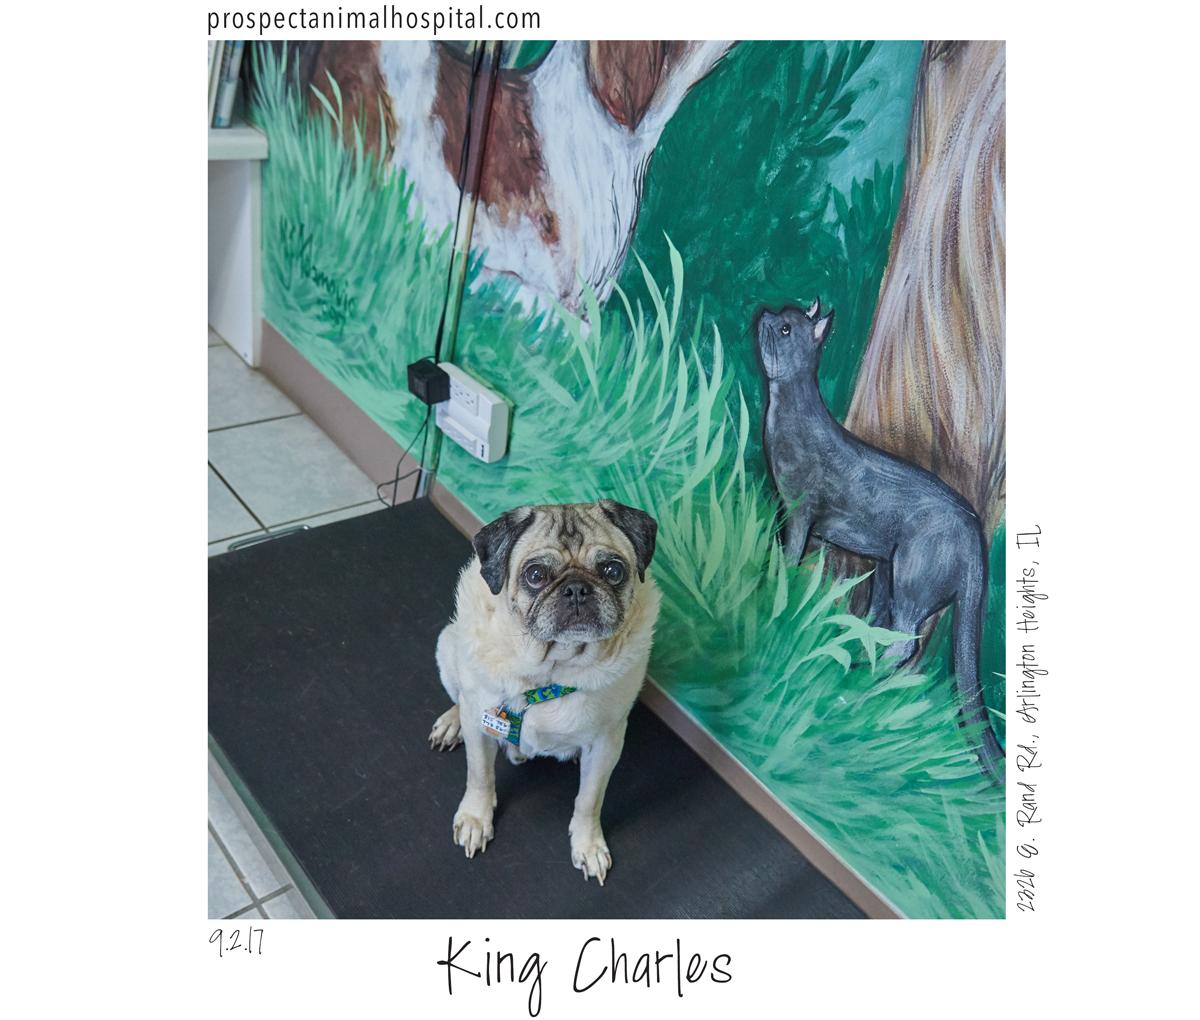 King-Charles-v1King Charles